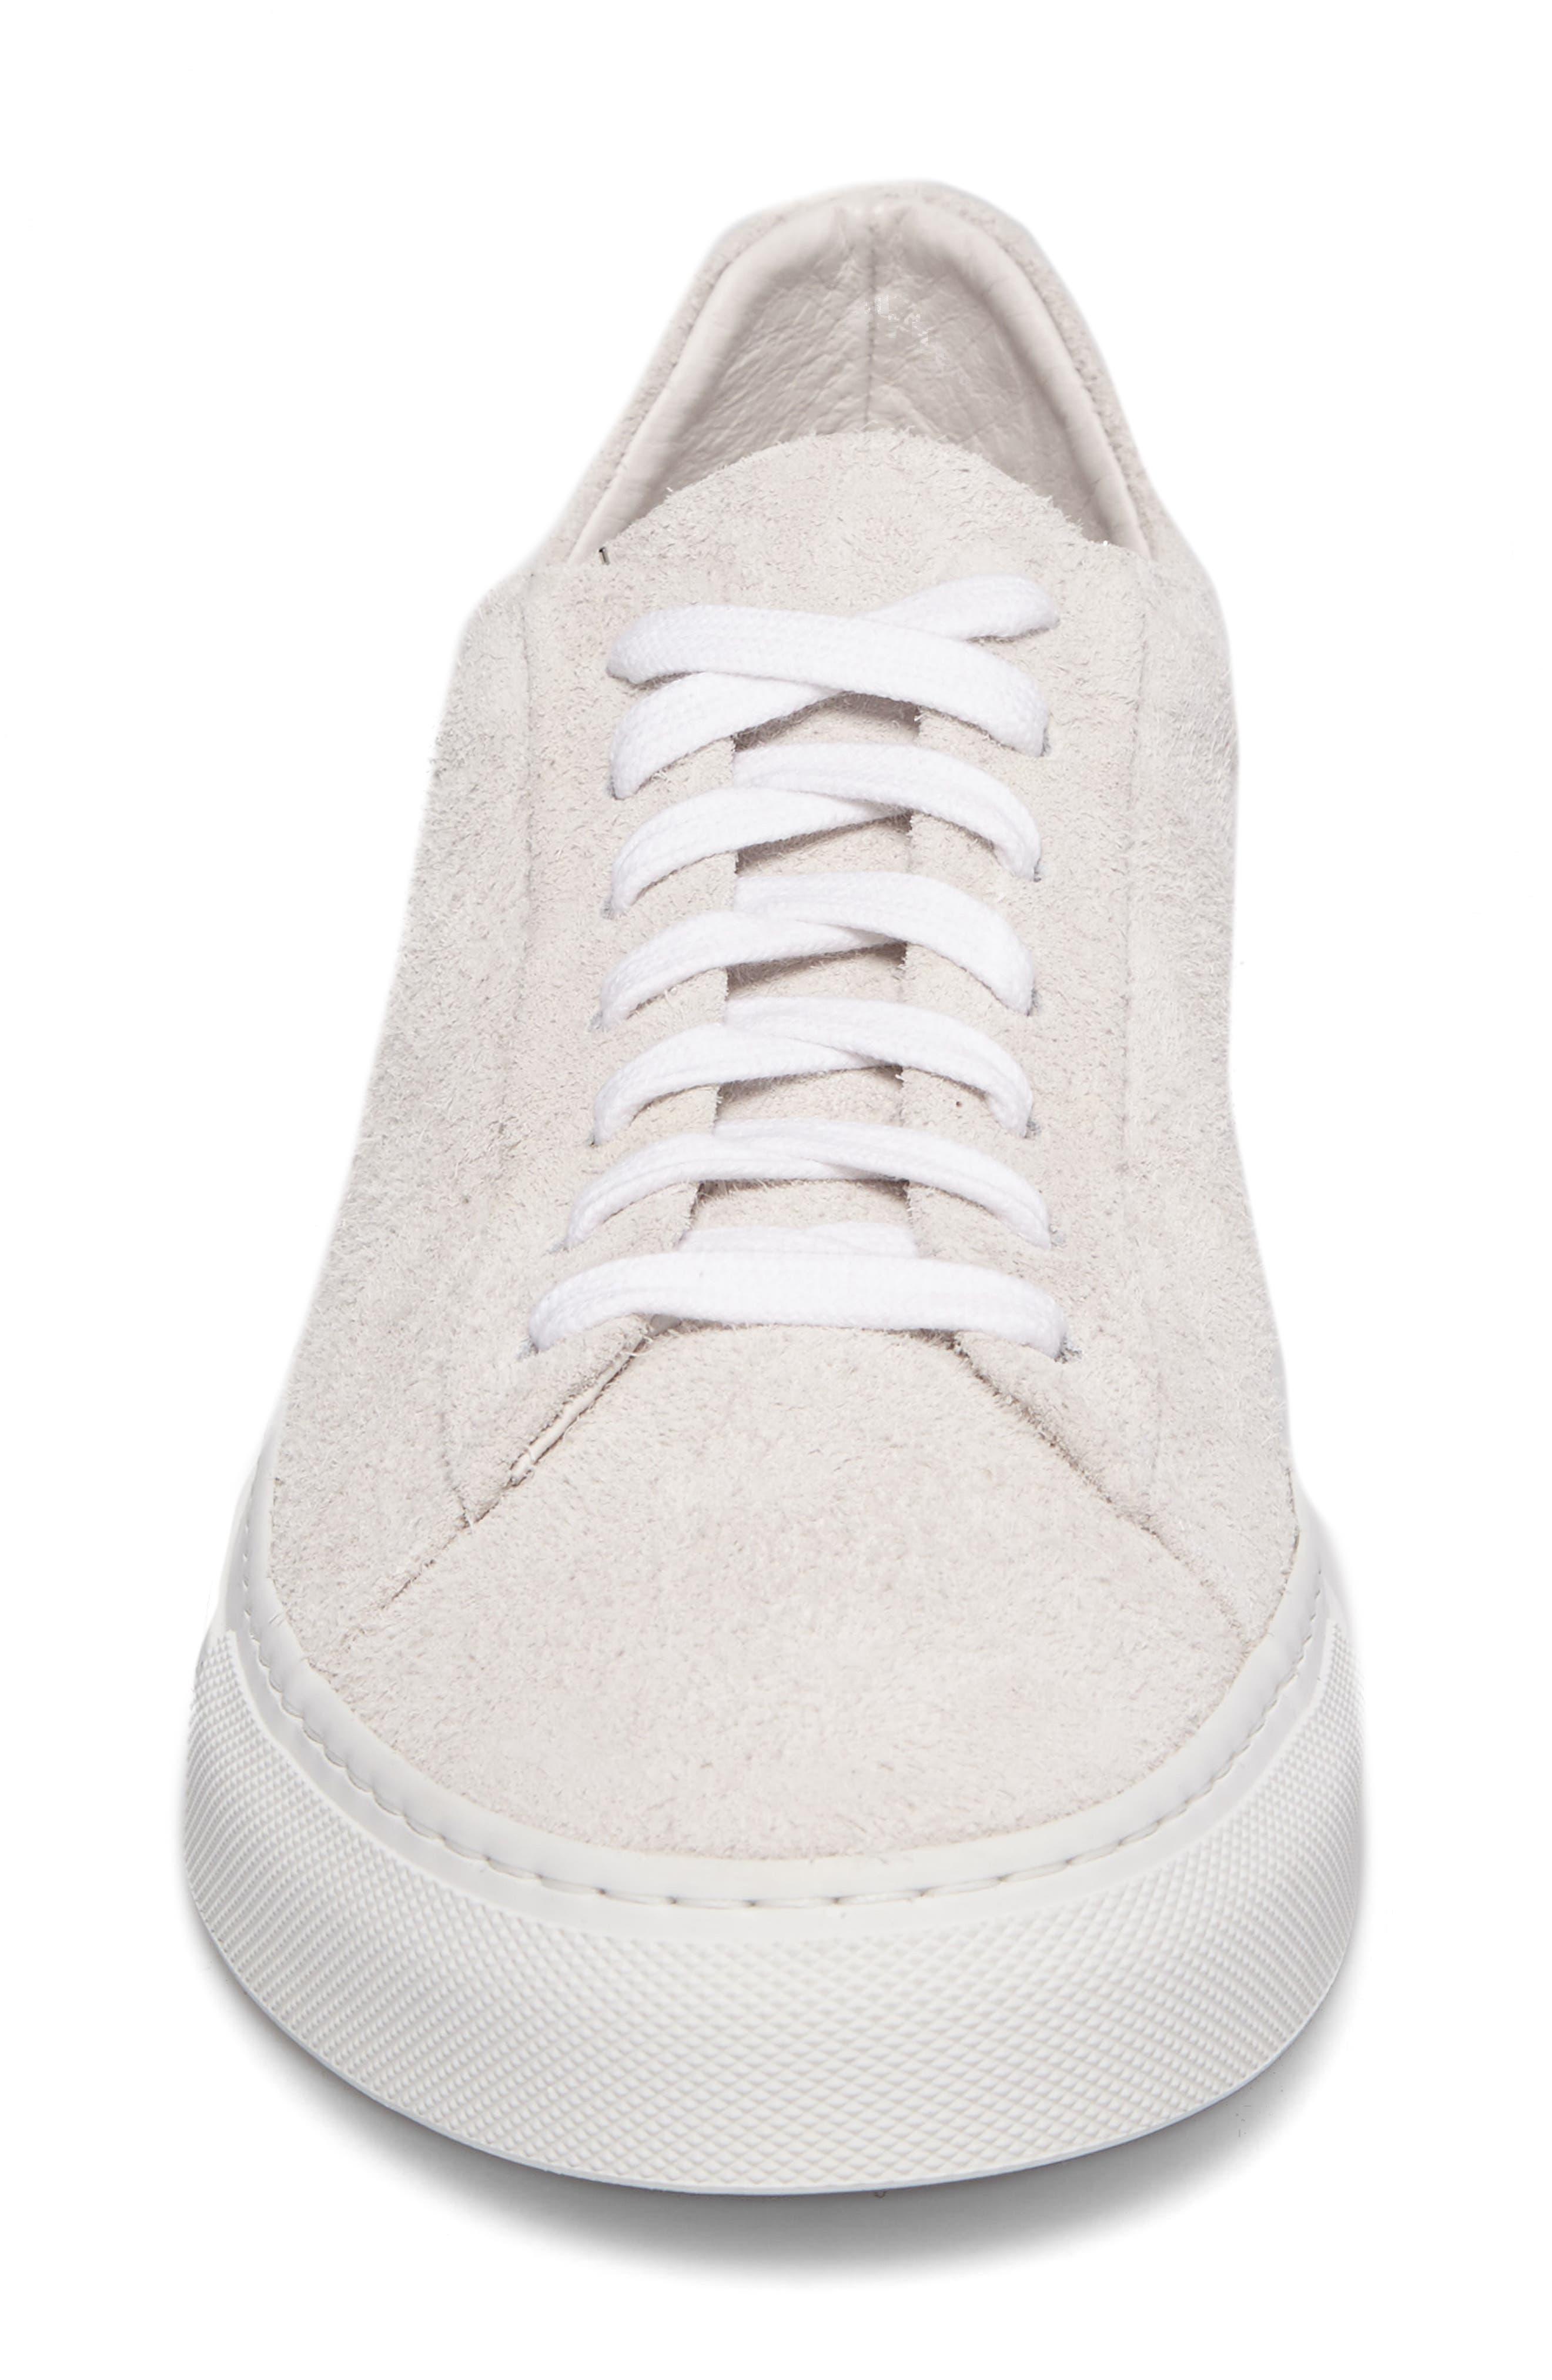 Court Sneaker,                             Alternate thumbnail 4, color,                             113